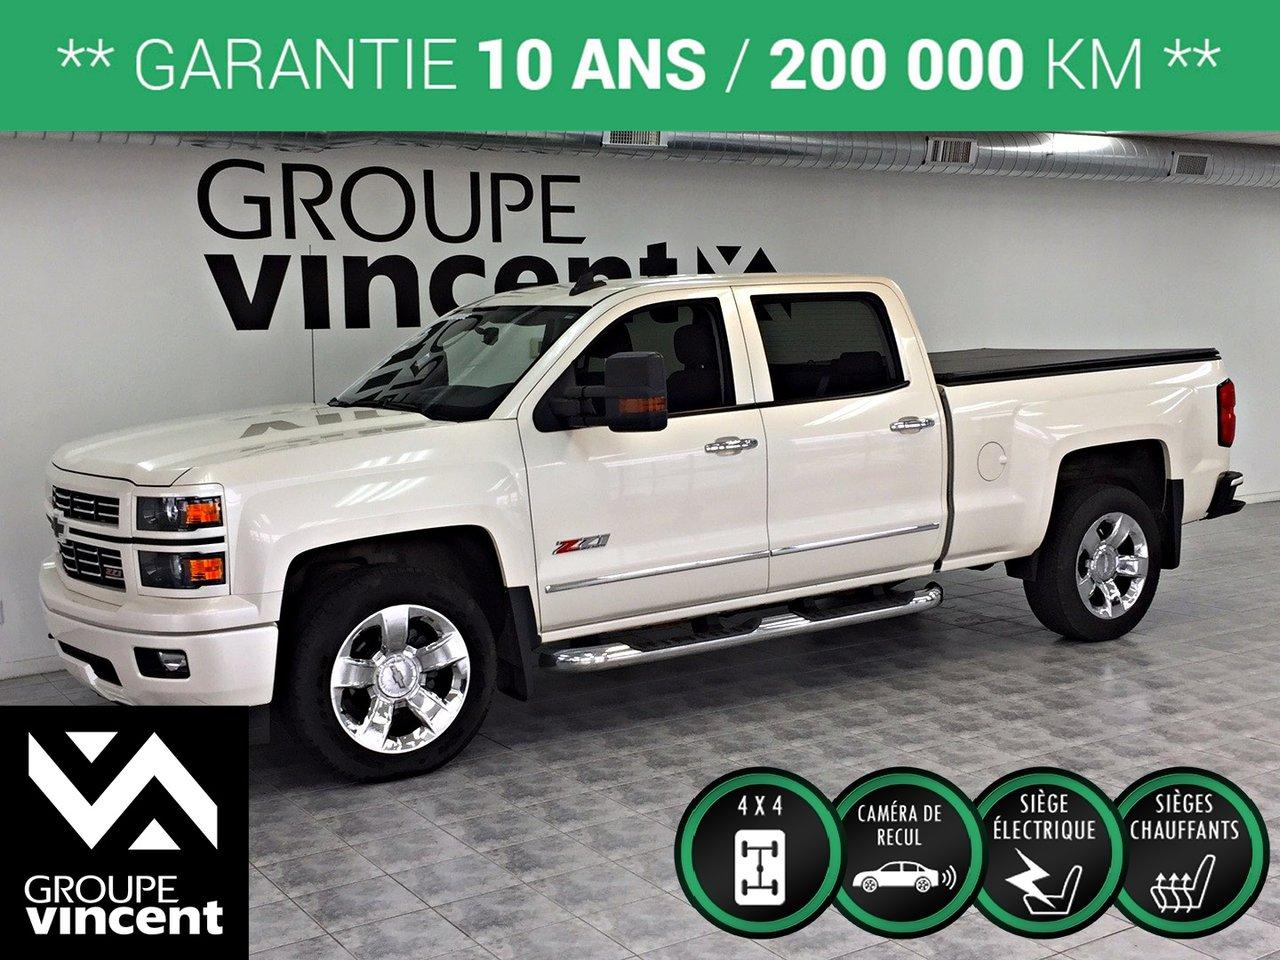 2015 Chevrolet  Silverado 1500 LT Z71 OFF-ROAD 2LT **GARANTIE 10 ANS**